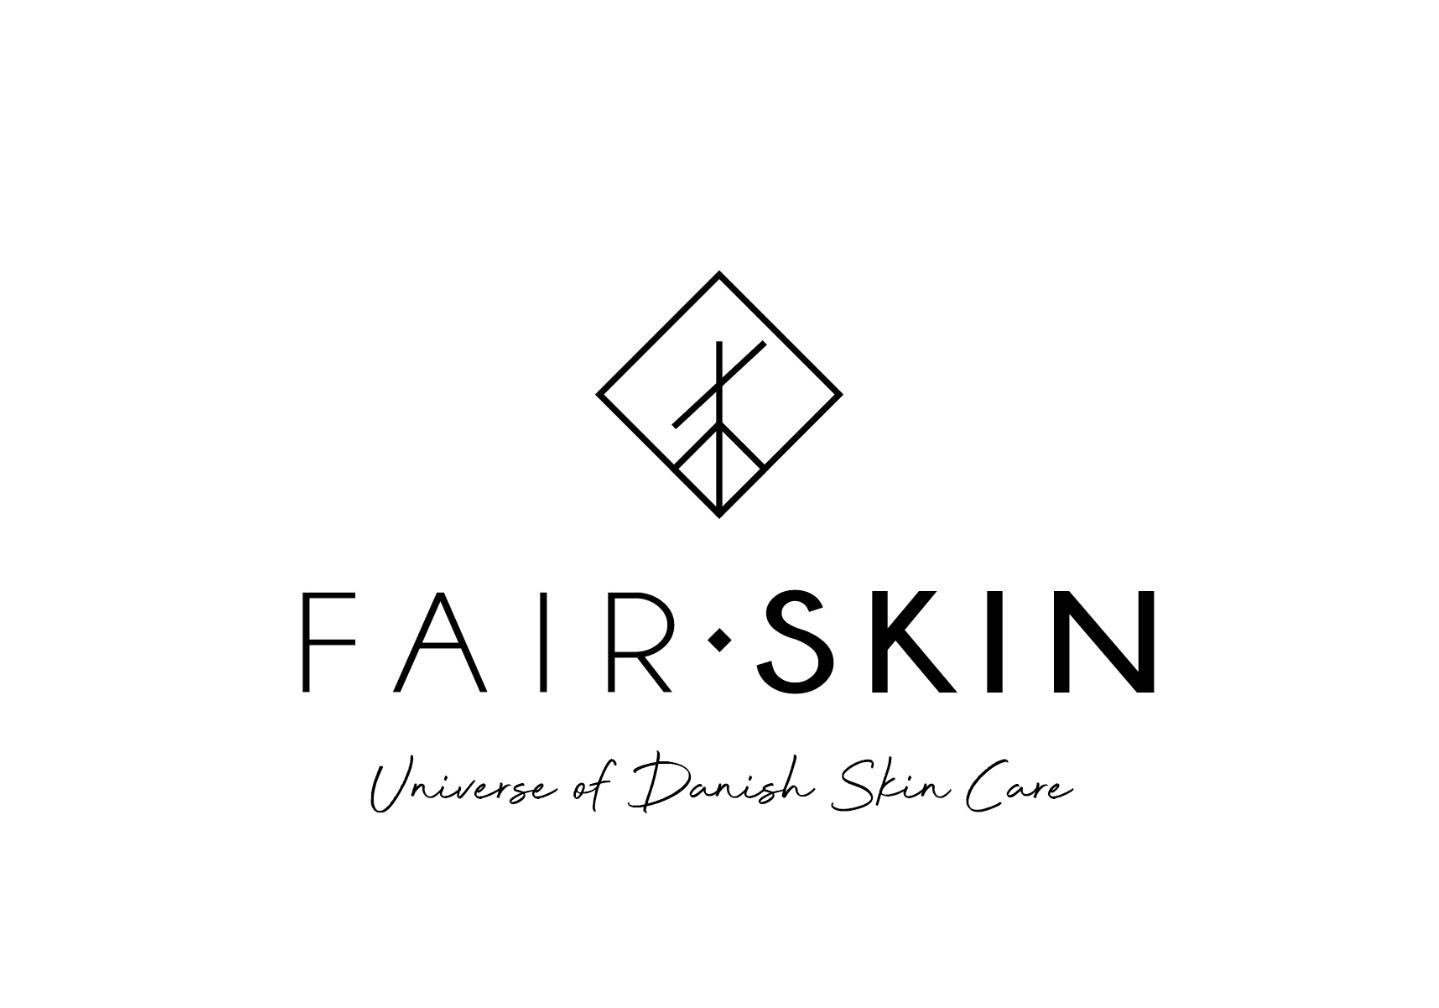 FairSkin logodesign